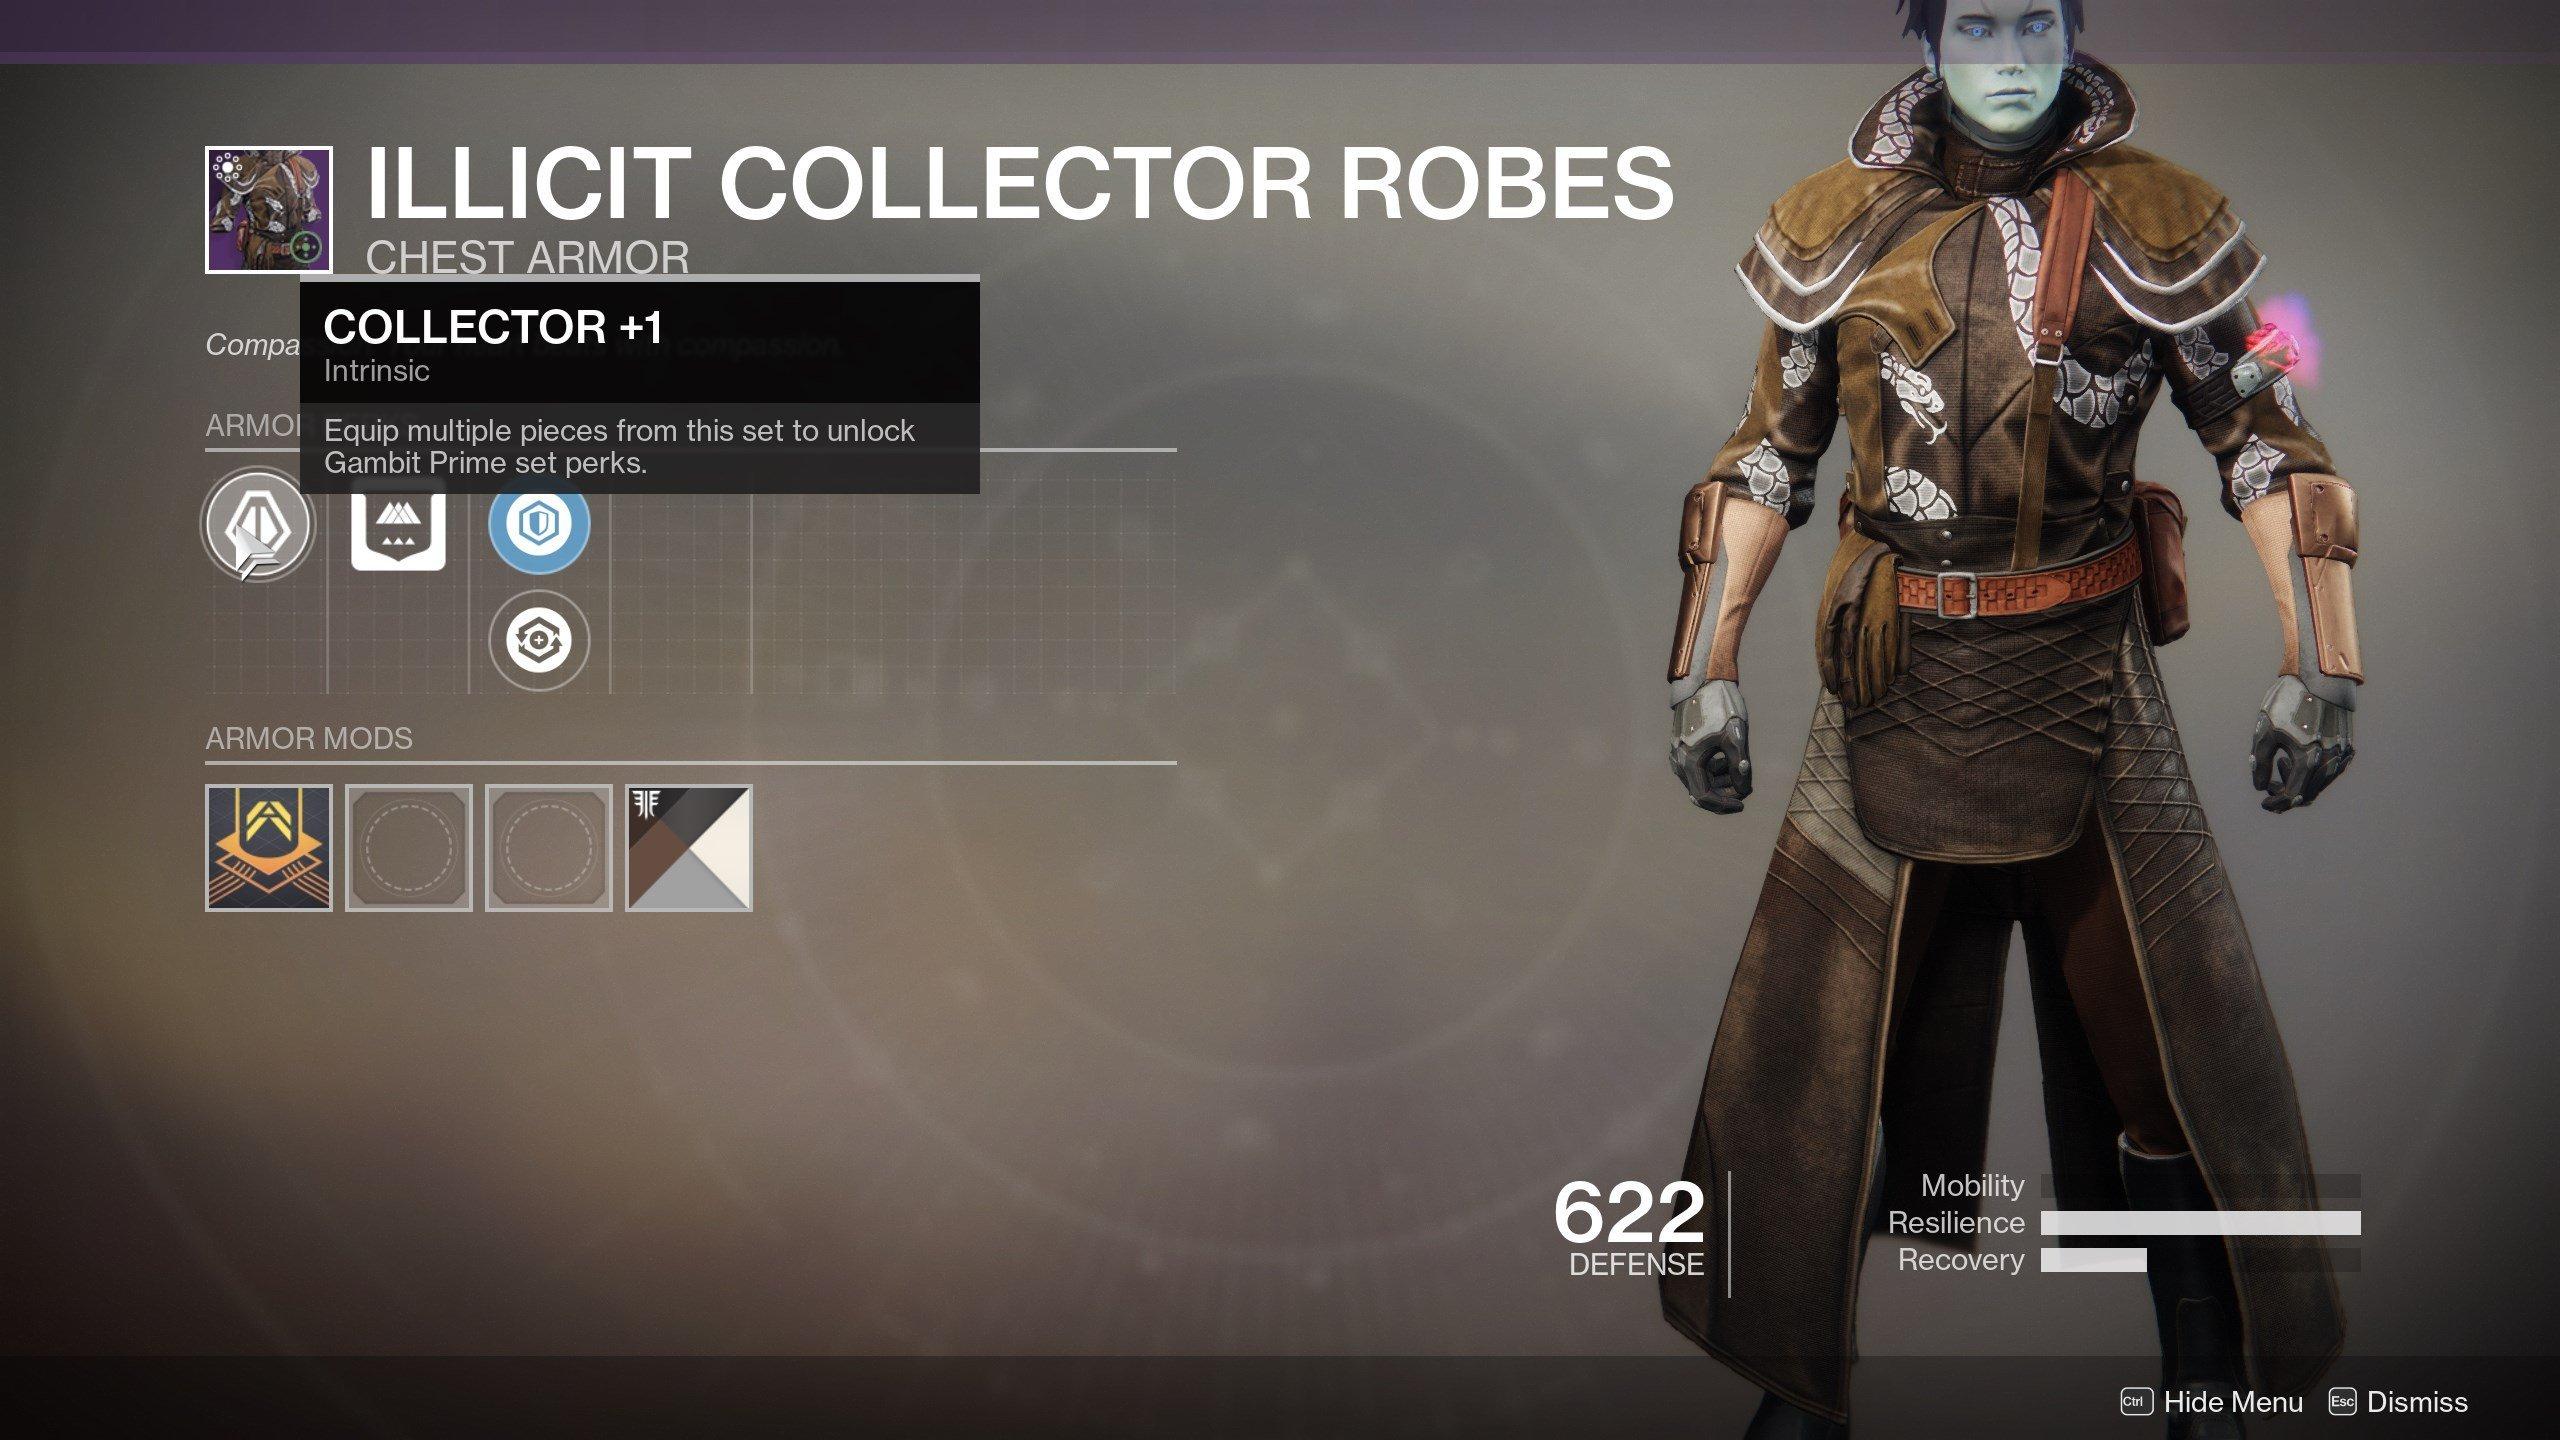 Gambit Prime Armor Perks